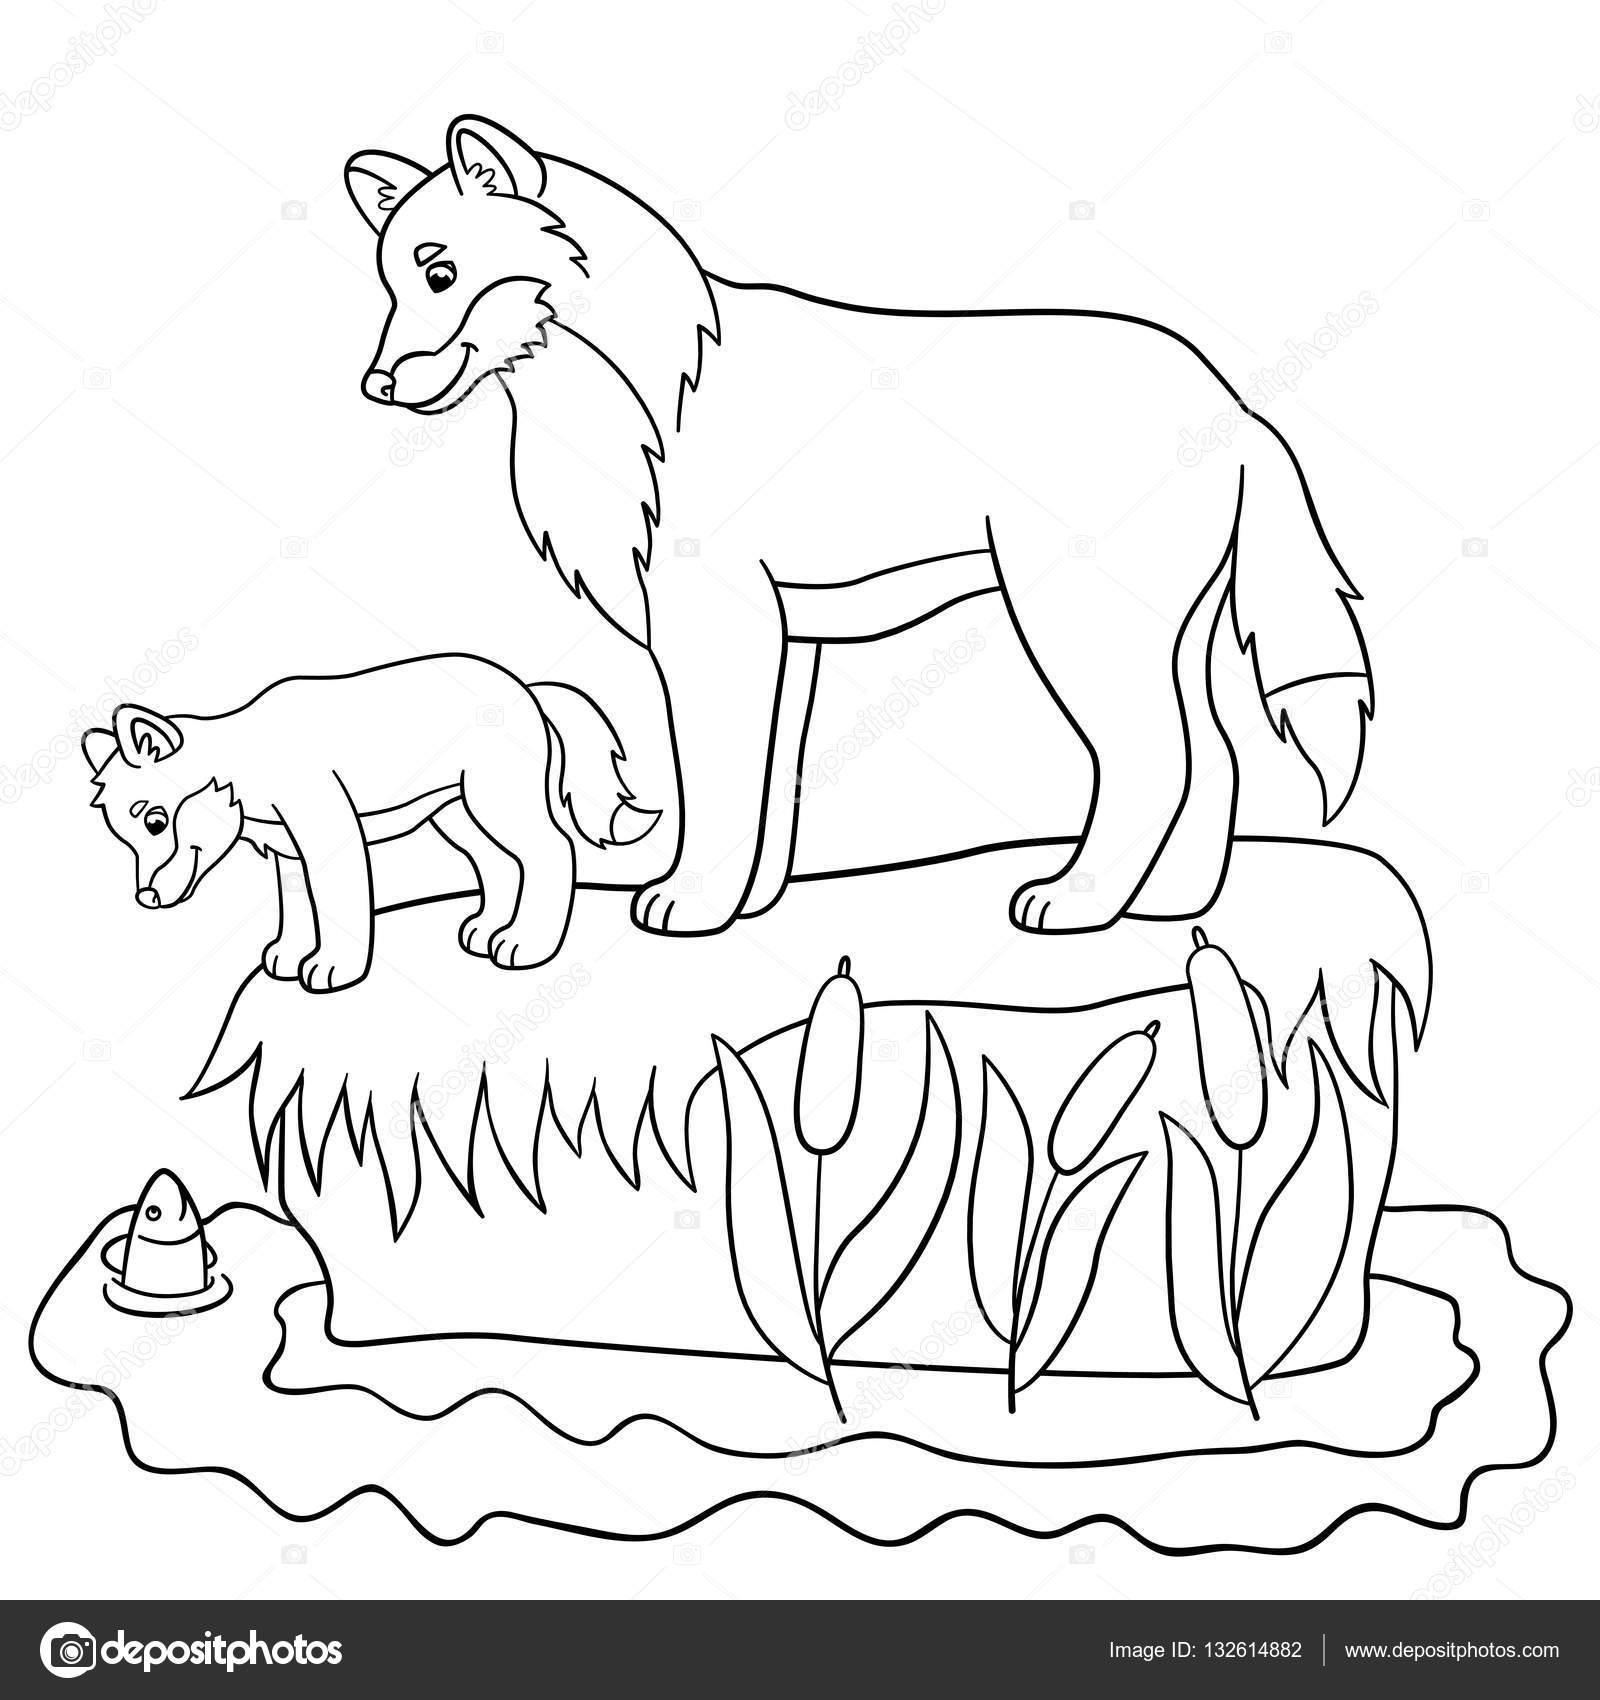 Dibujos para colorear. Padre lobo con su lindo bebé — Archivo ...